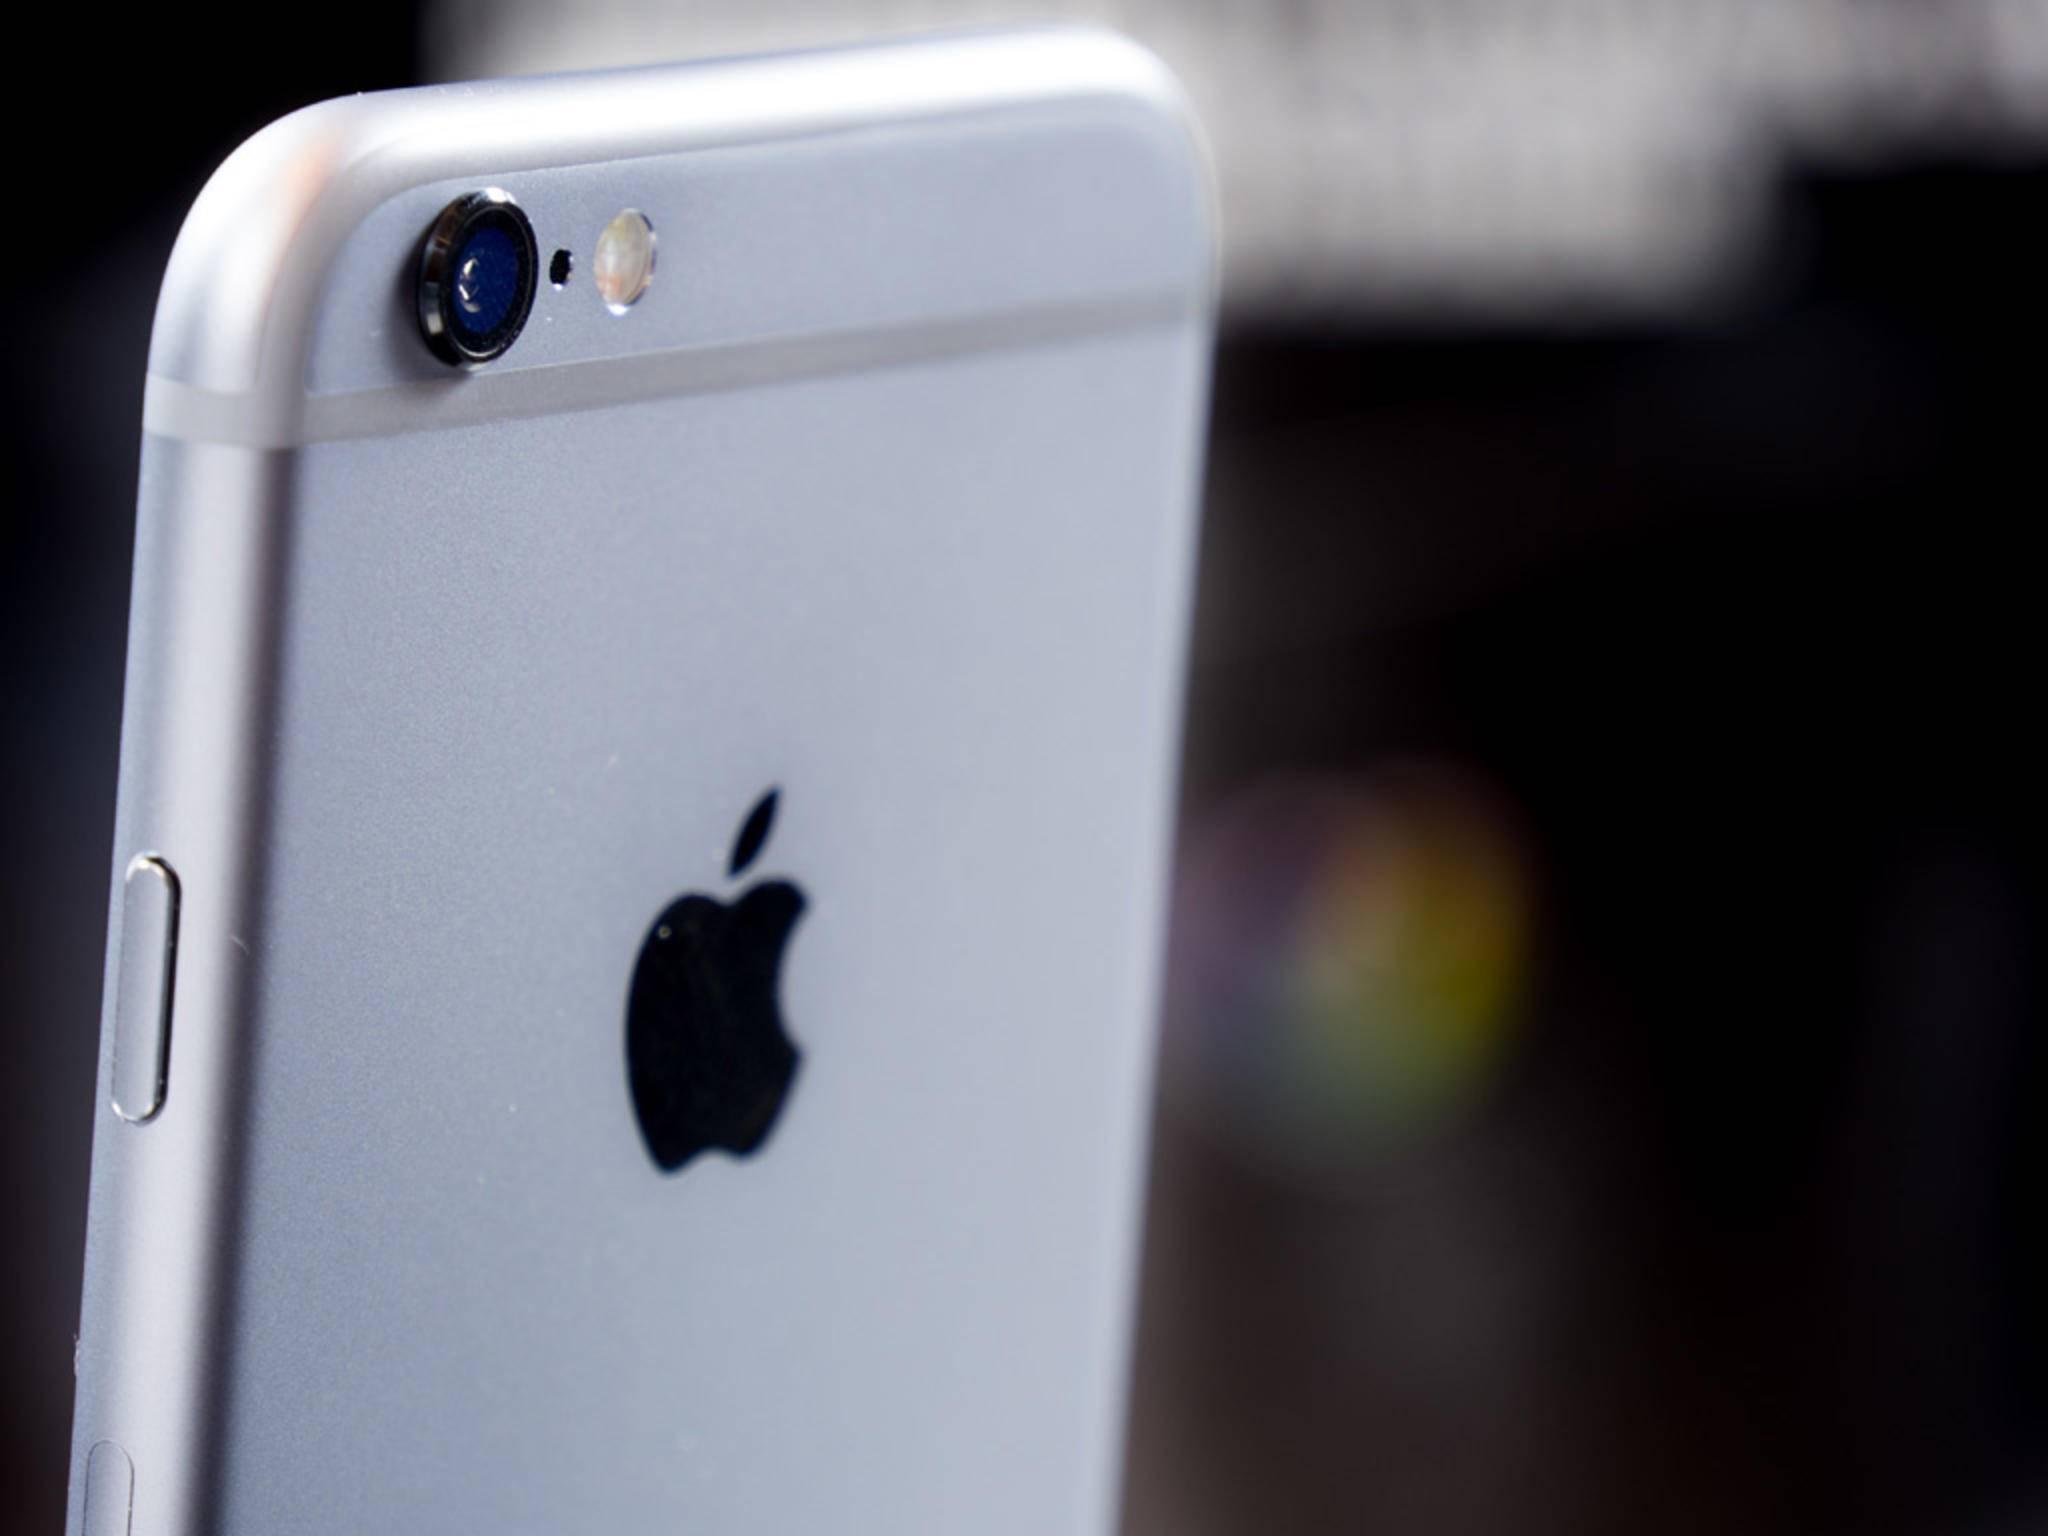 Vom iPhone 6 auf das iPhone 6s umsteigen: Lohnt sich der Wechsel wirklich?